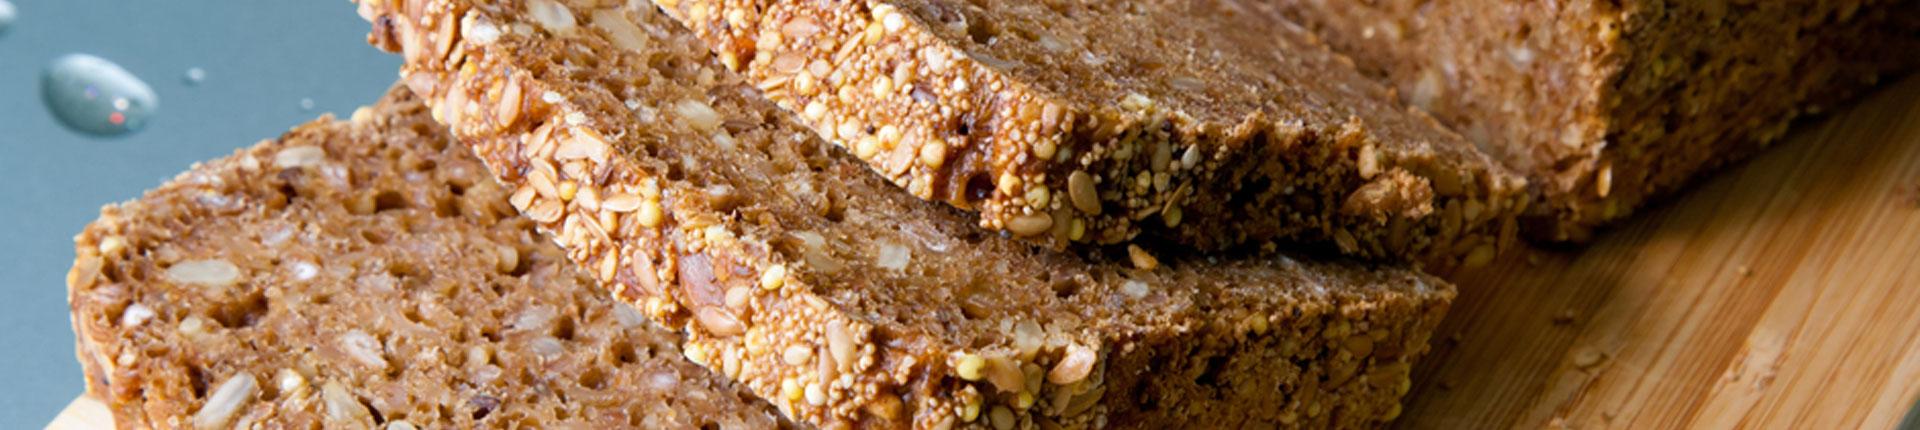 Dlaczego chleb pełnoziarnisty jest lepszy od białego pieczywa?